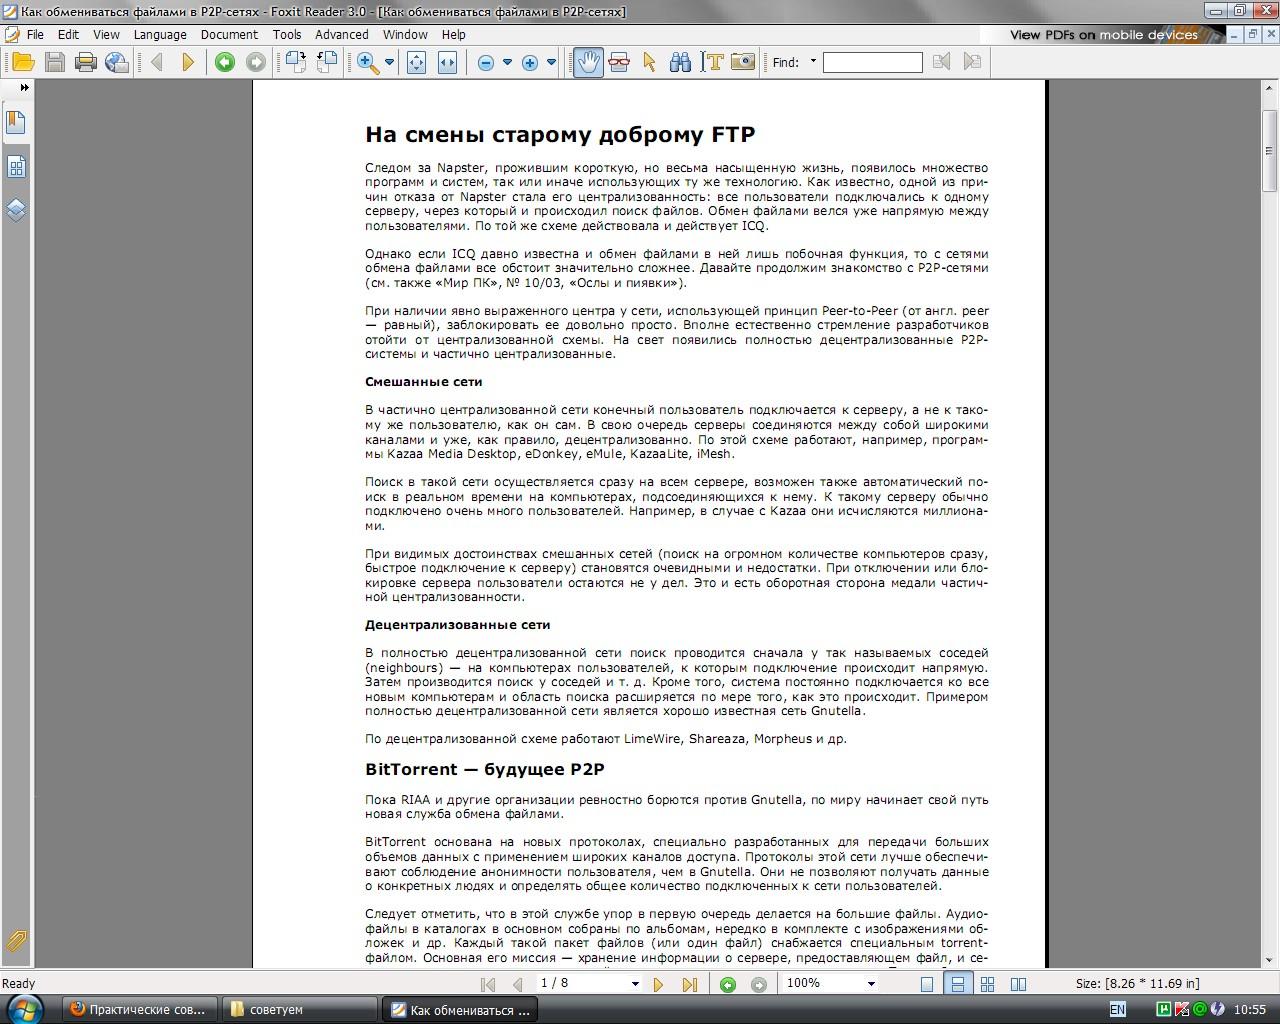 Практические советы интернет - пользователю (Сборник) / Мир ПК (2010) PDF